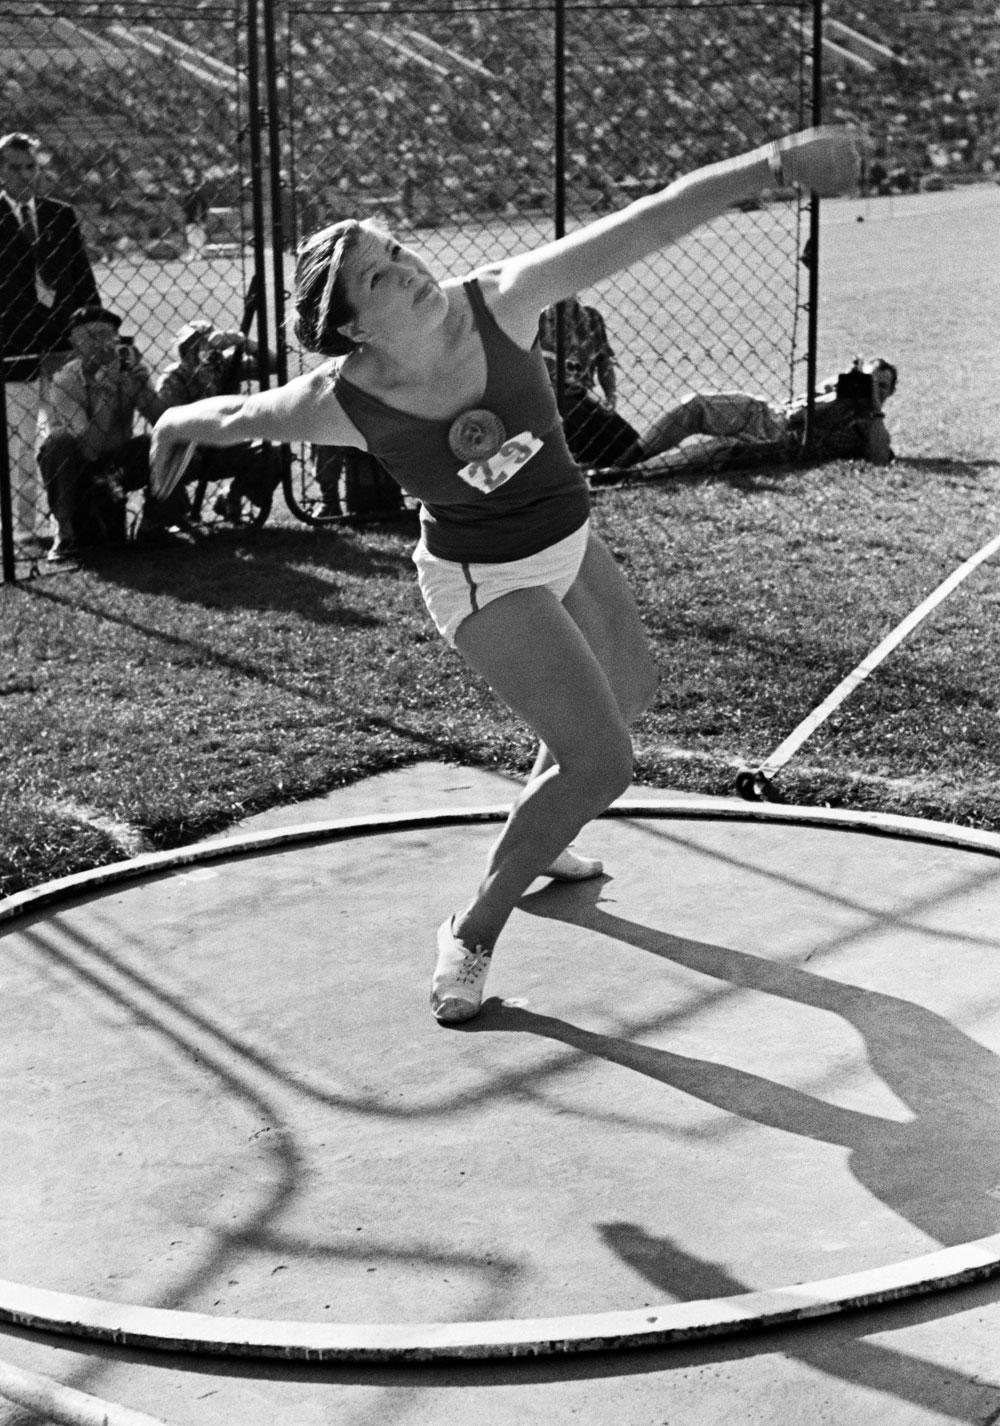 Международные соревнования по легкой атлетике между командами СССР и ФРГ в 1959 году. Победительница в метании диска, чемпионка СССР Нина Пономарева.